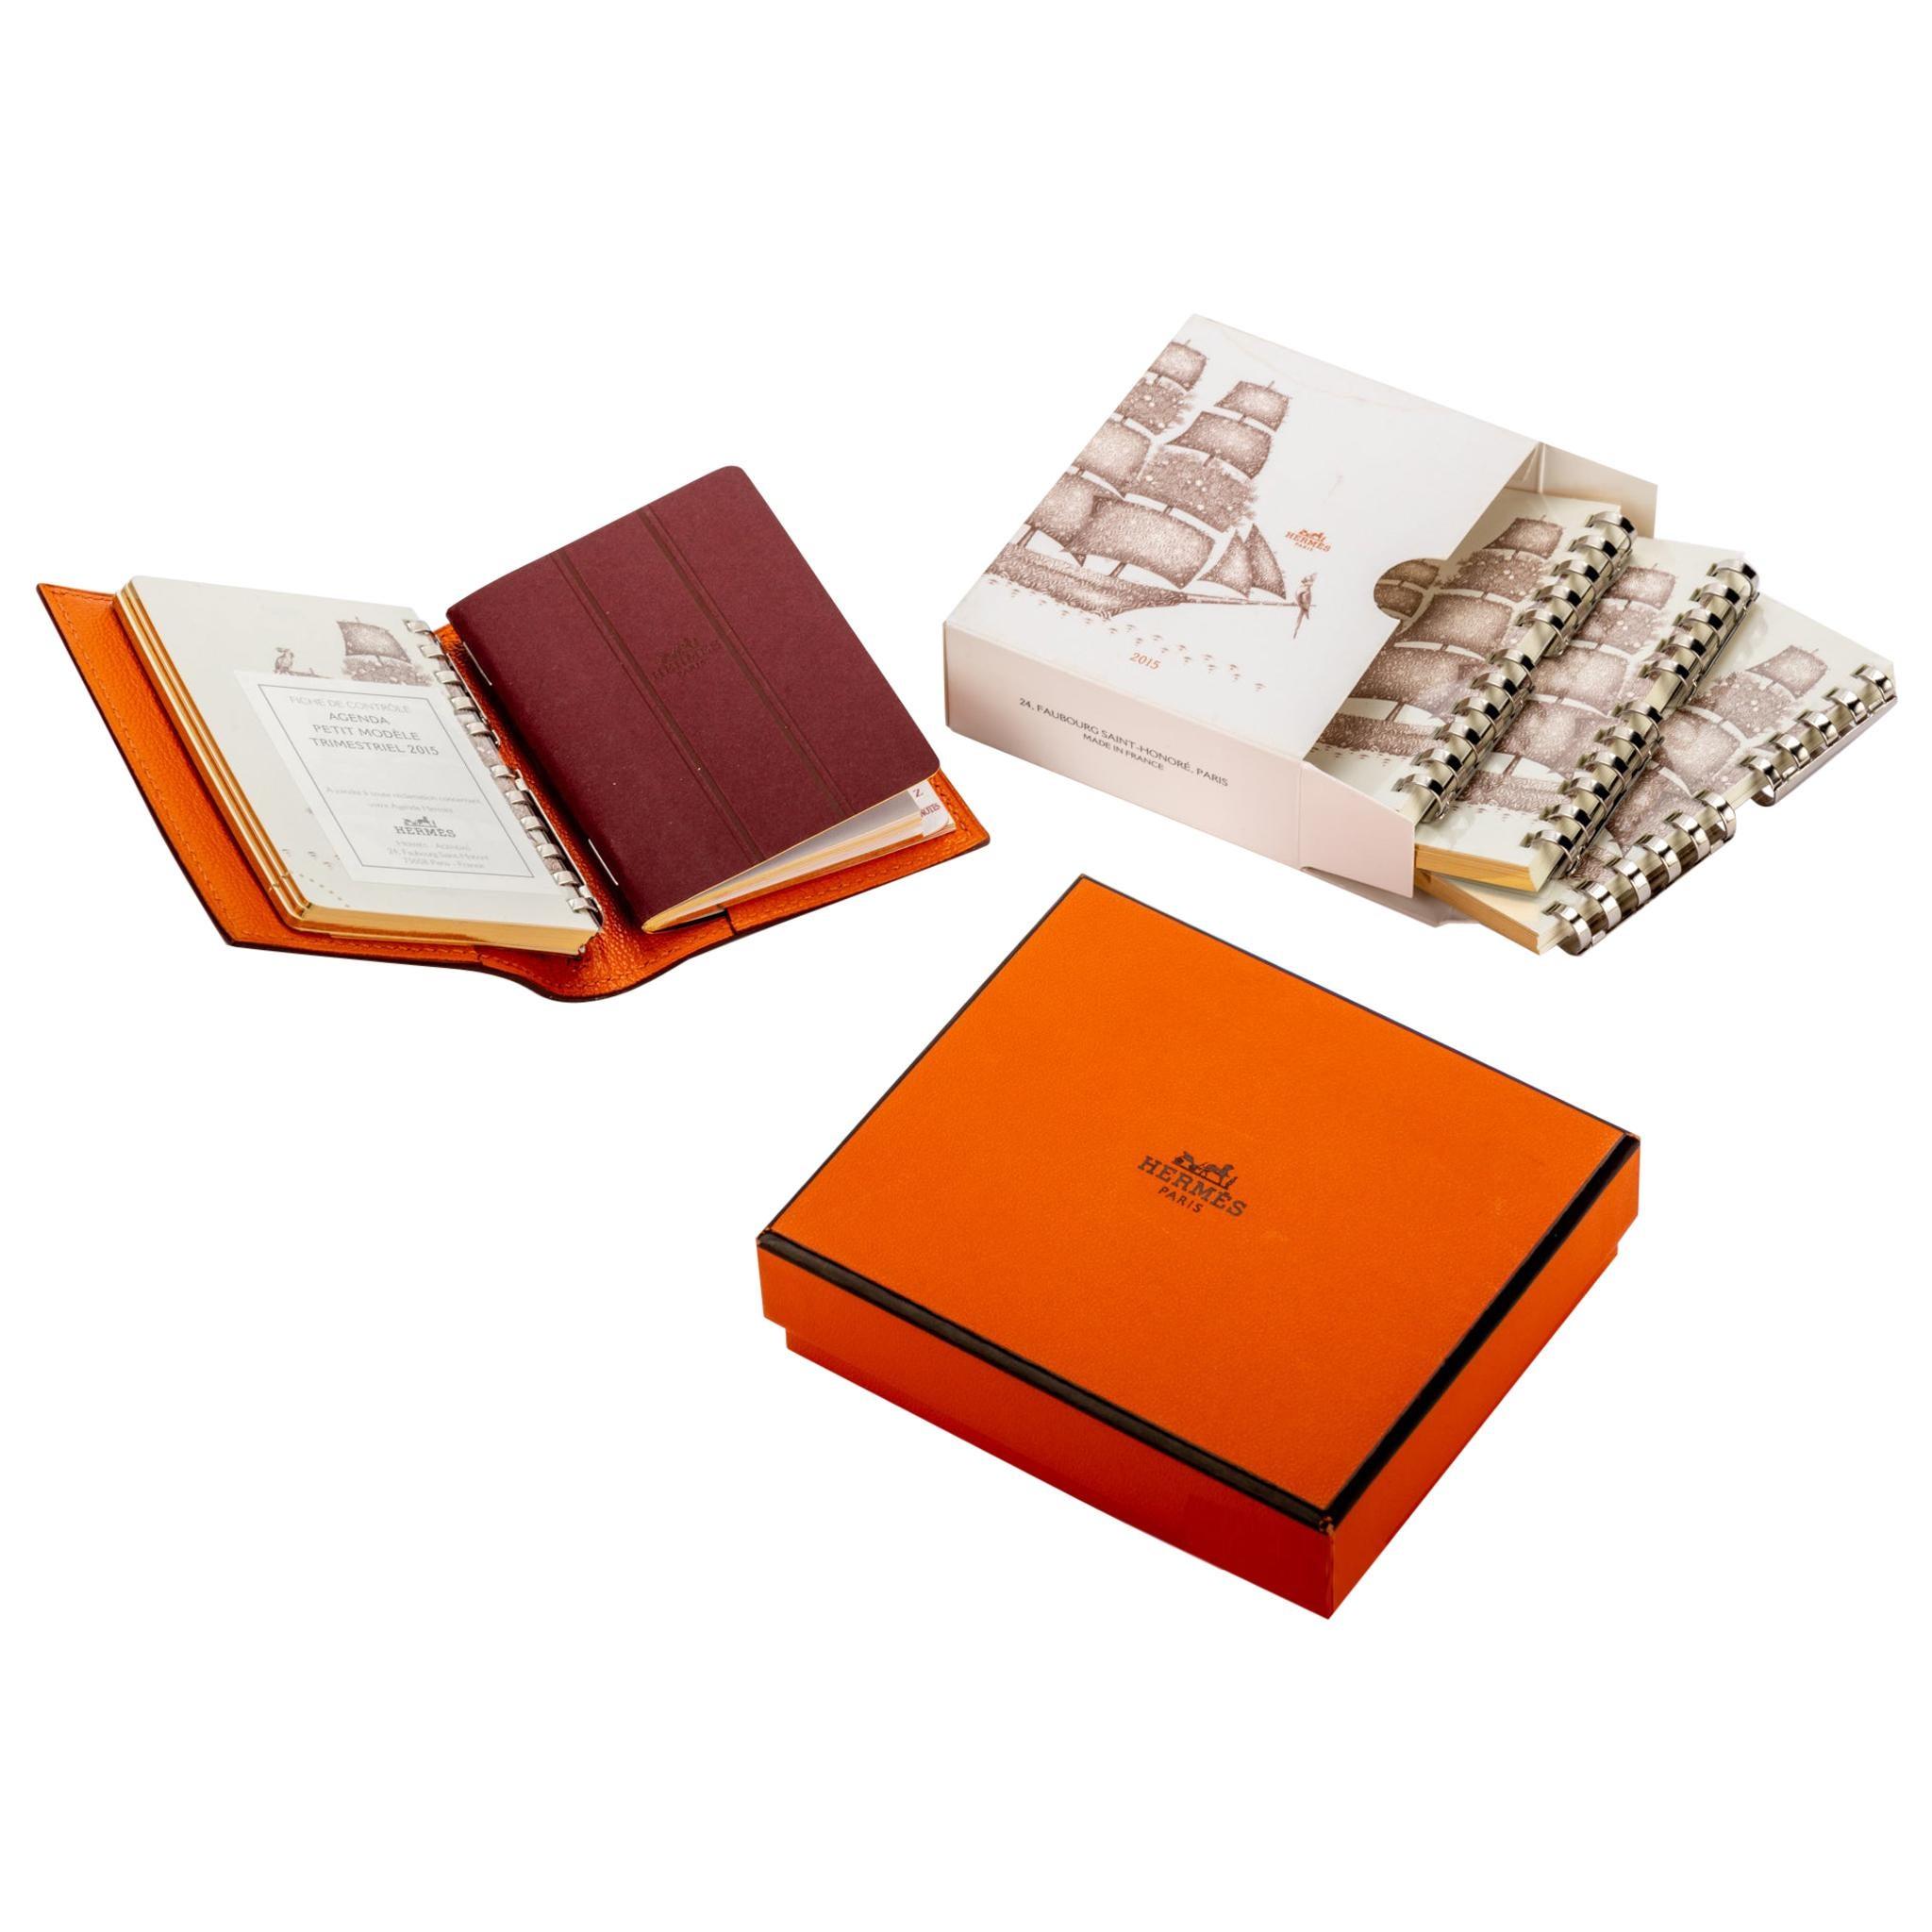 New in Box Hermes Goatskin Agenda Planner